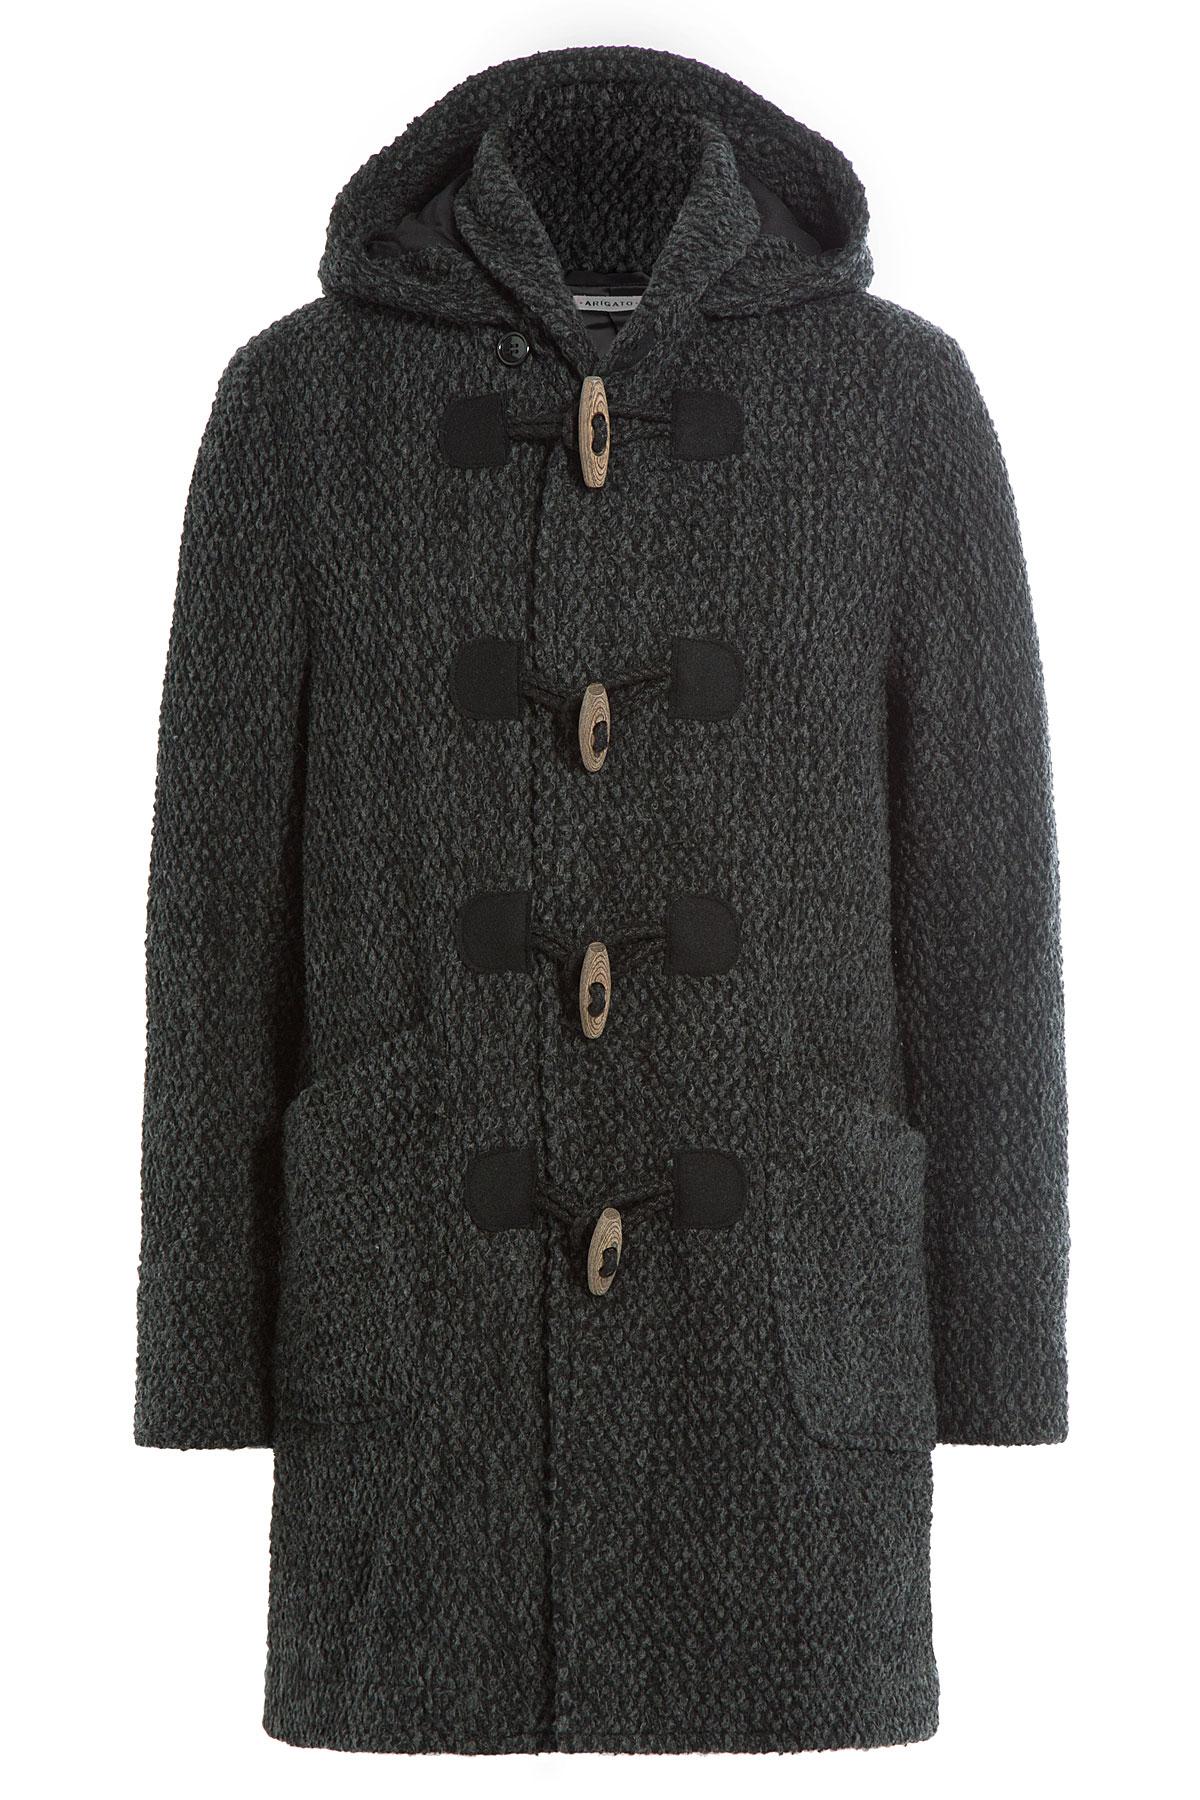 Blue blue japan Wool Duffle Coat - Grey in Black for Men | Lyst